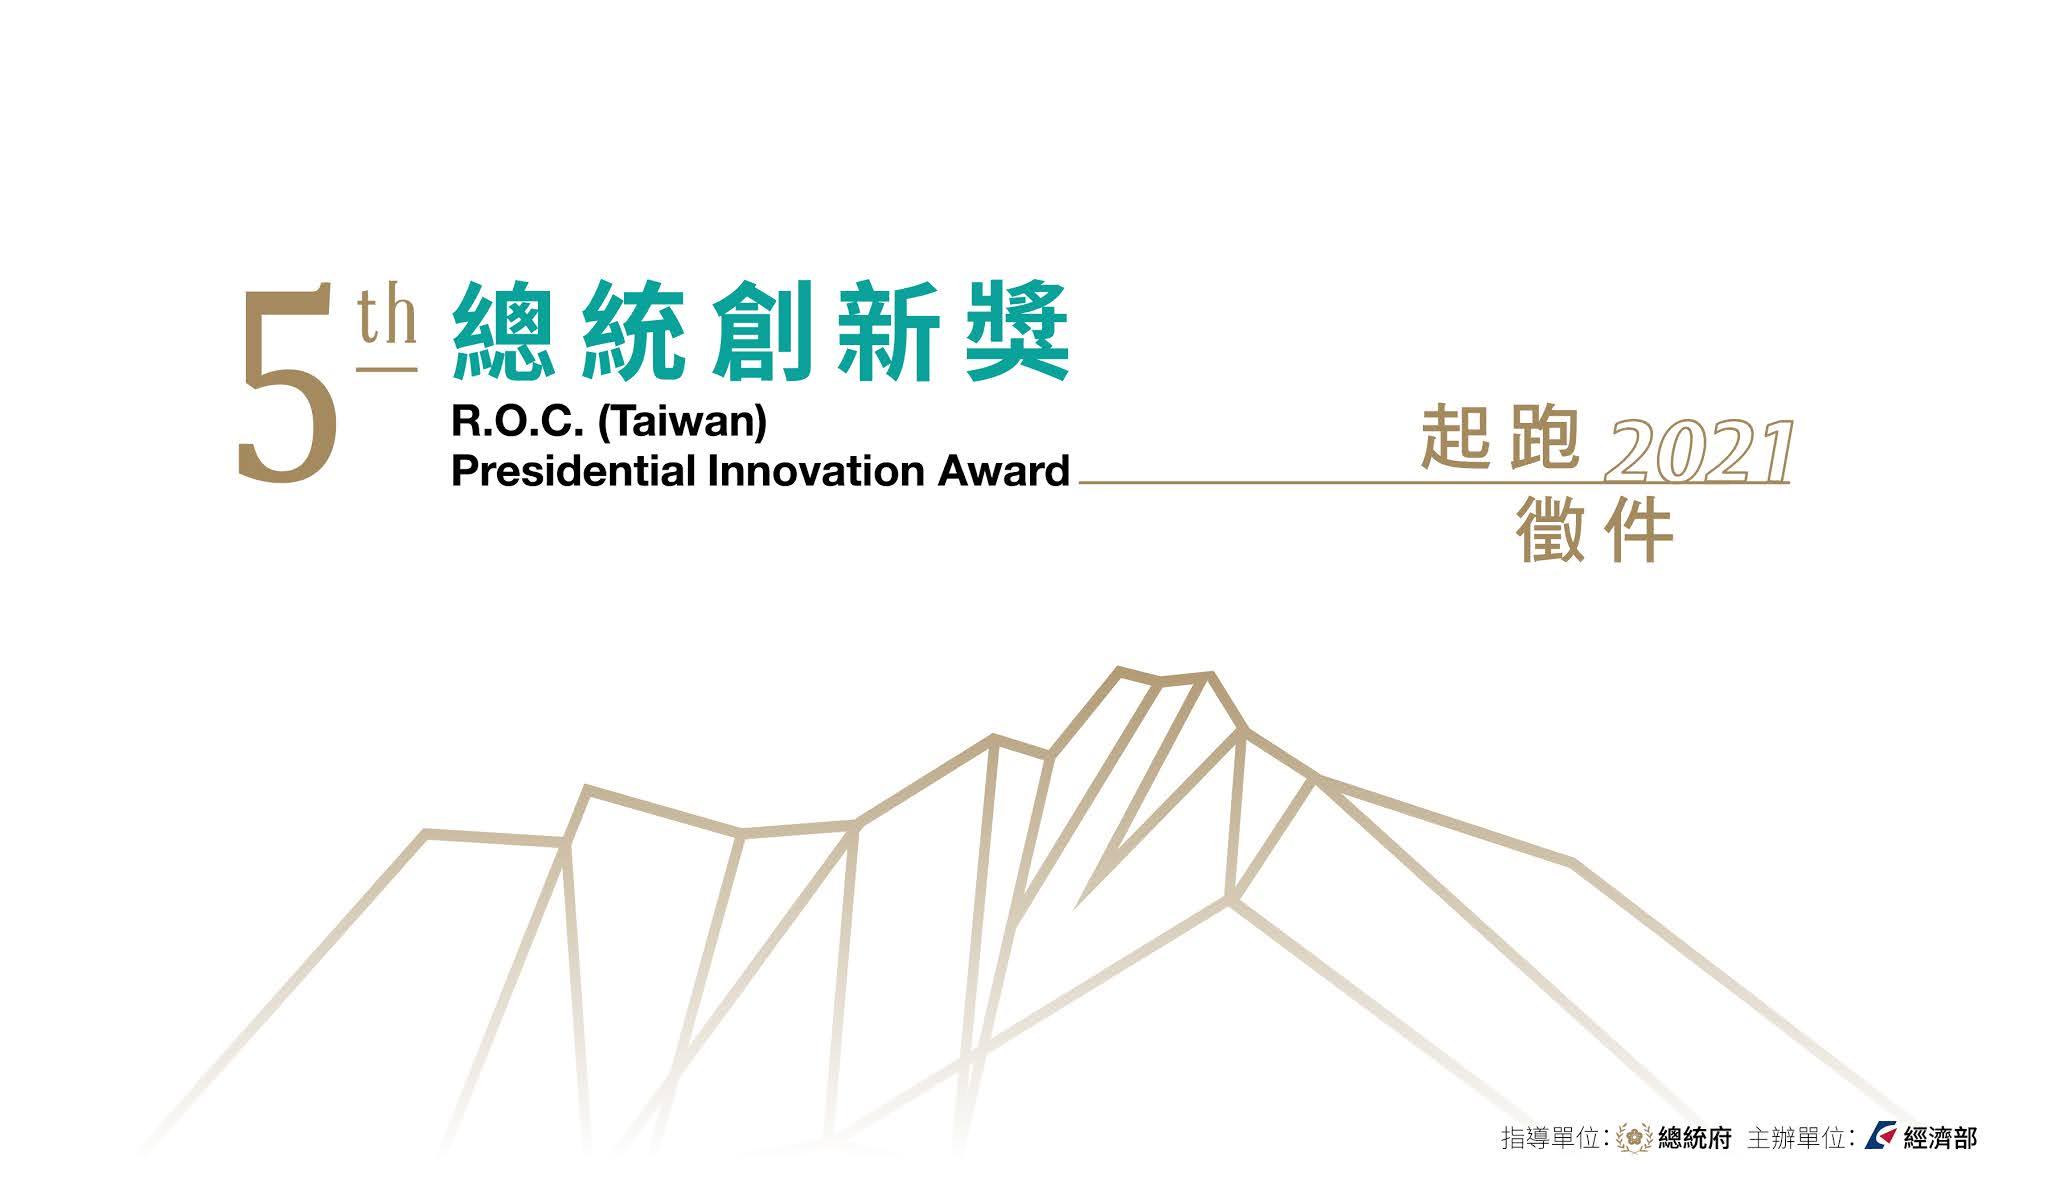 臺灣創新最高榮譽 第五屆「總統創新獎」即日起開放報名